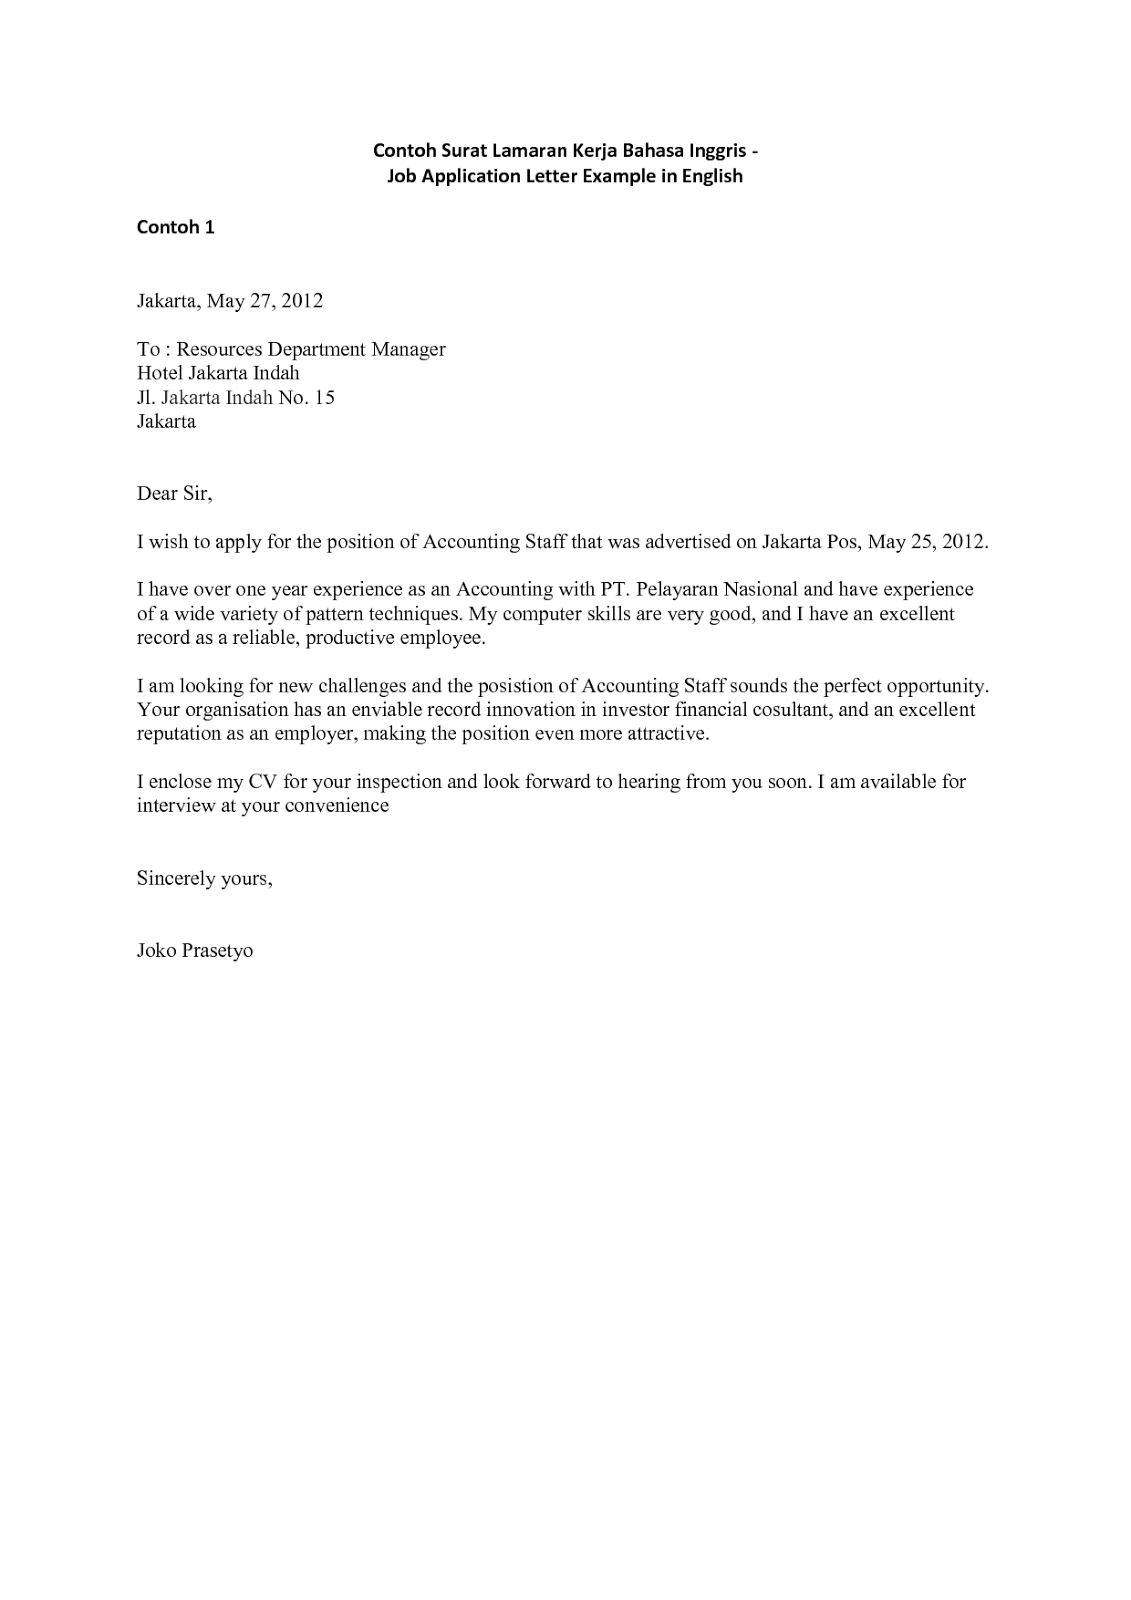 Surat Lamaran Kerja Dalam Bahasa Inggris yang Baik dan